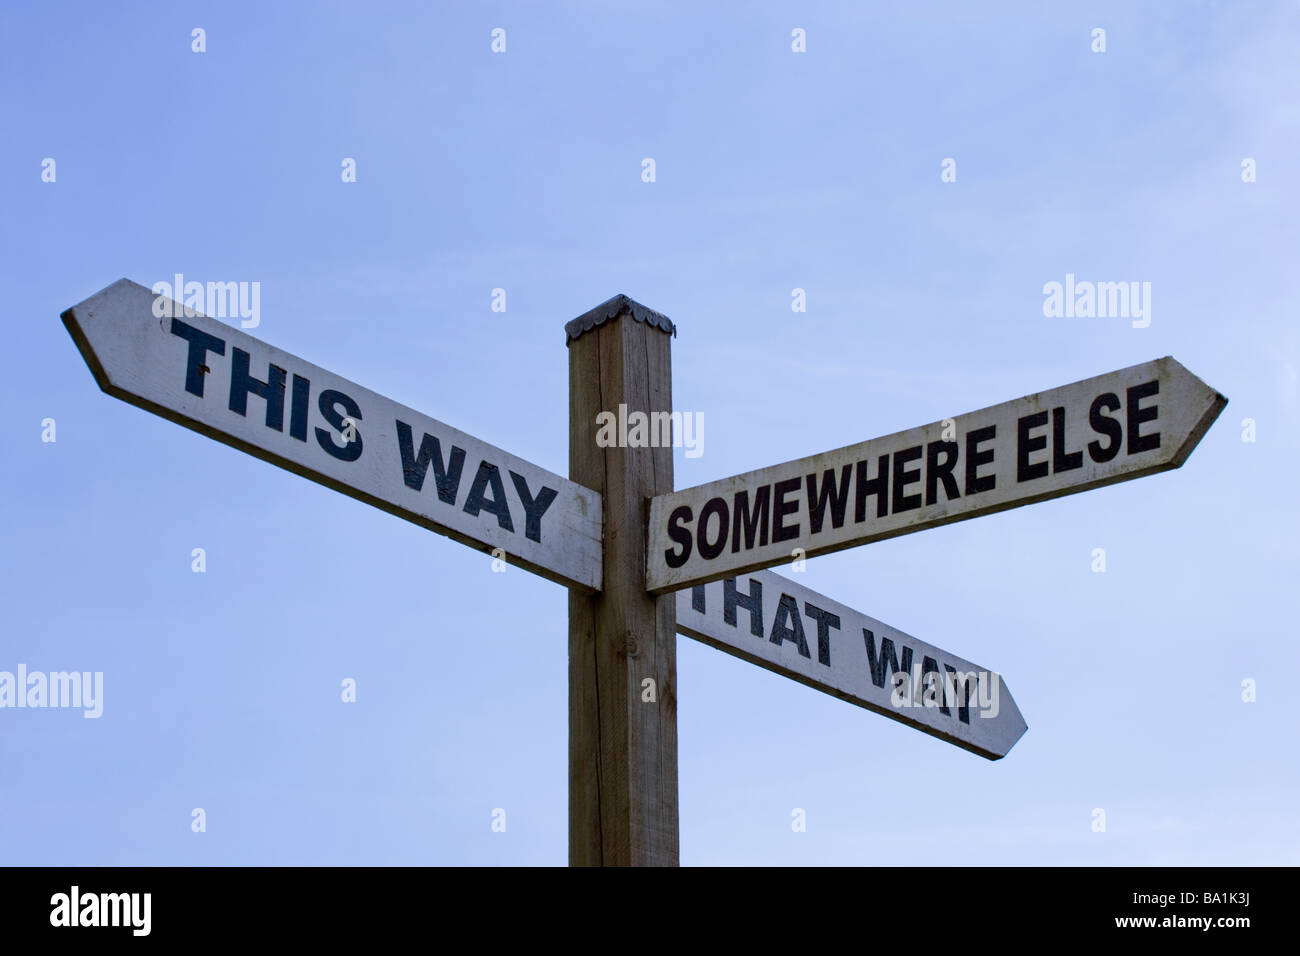 Signo humorístico; de este modo, de esa manera, en otro lugar. Surrey, Reino Unido Imagen De Stock